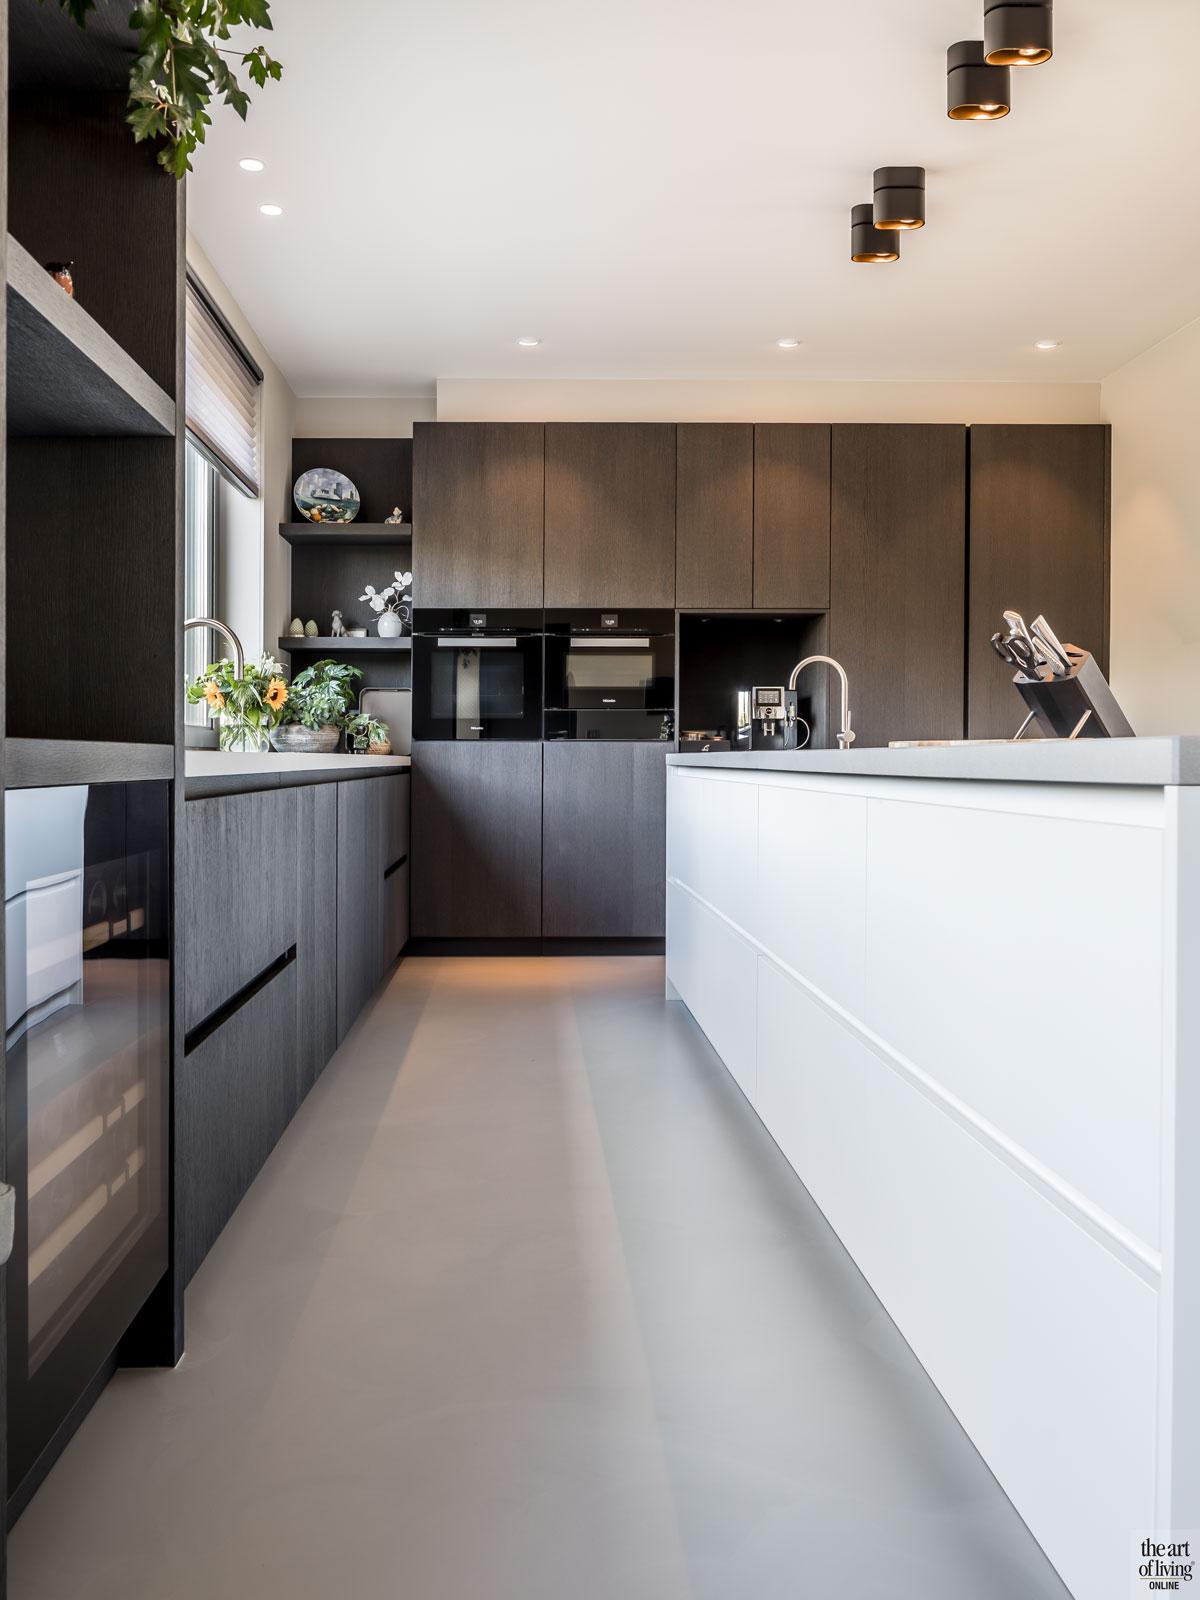 verbouwing, renovatie, studio ron van leent, interieur, moderne woning